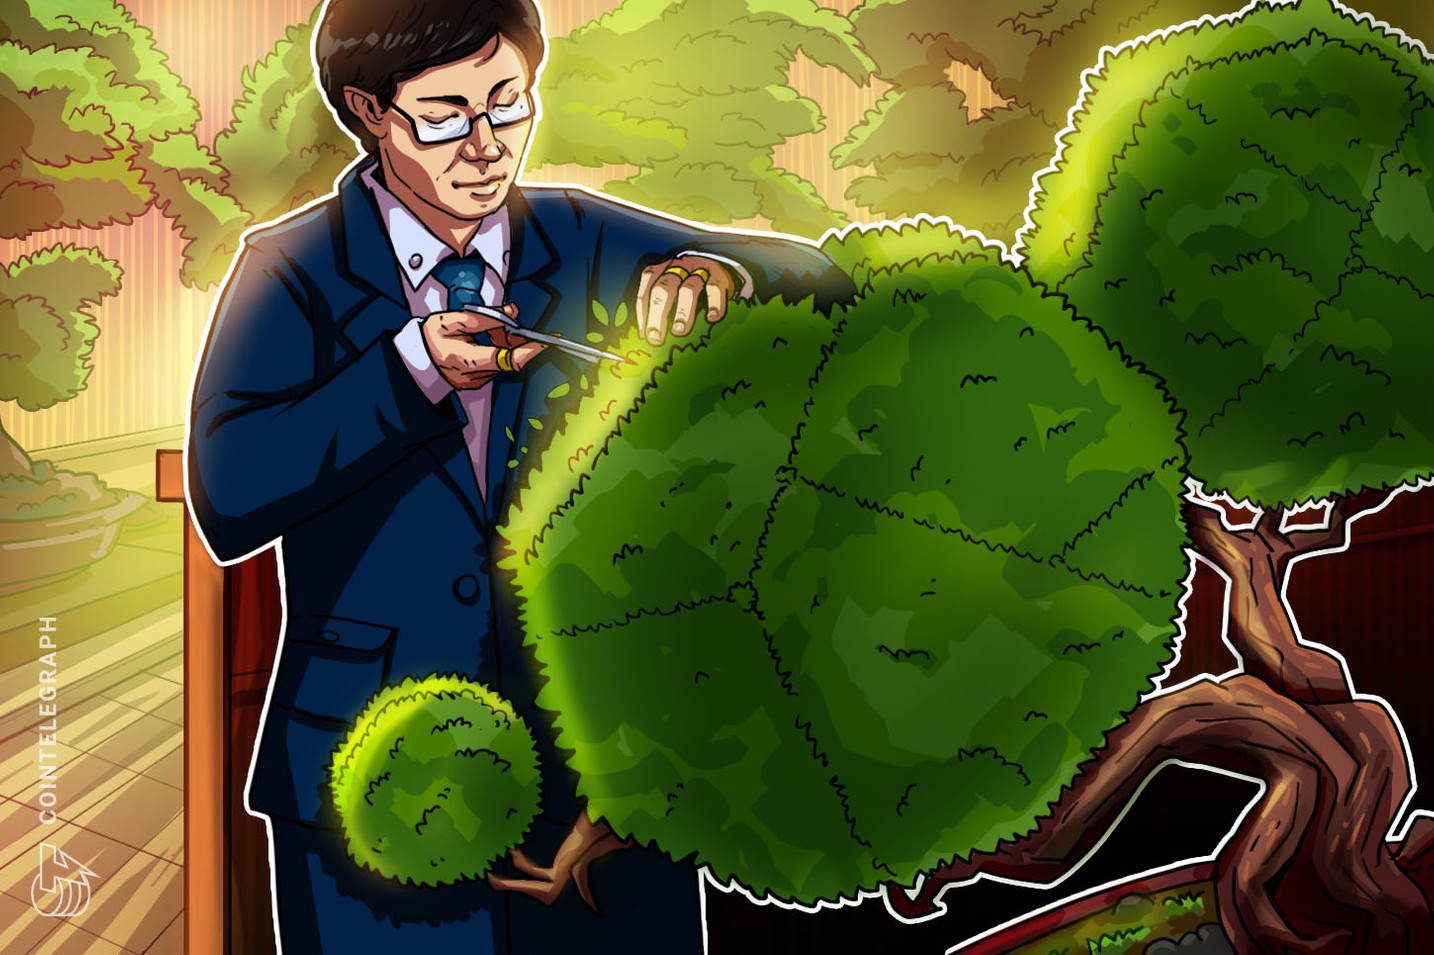 日本銀行の黒田総裁がビットコインに言及 「決済手段として利用されてない」